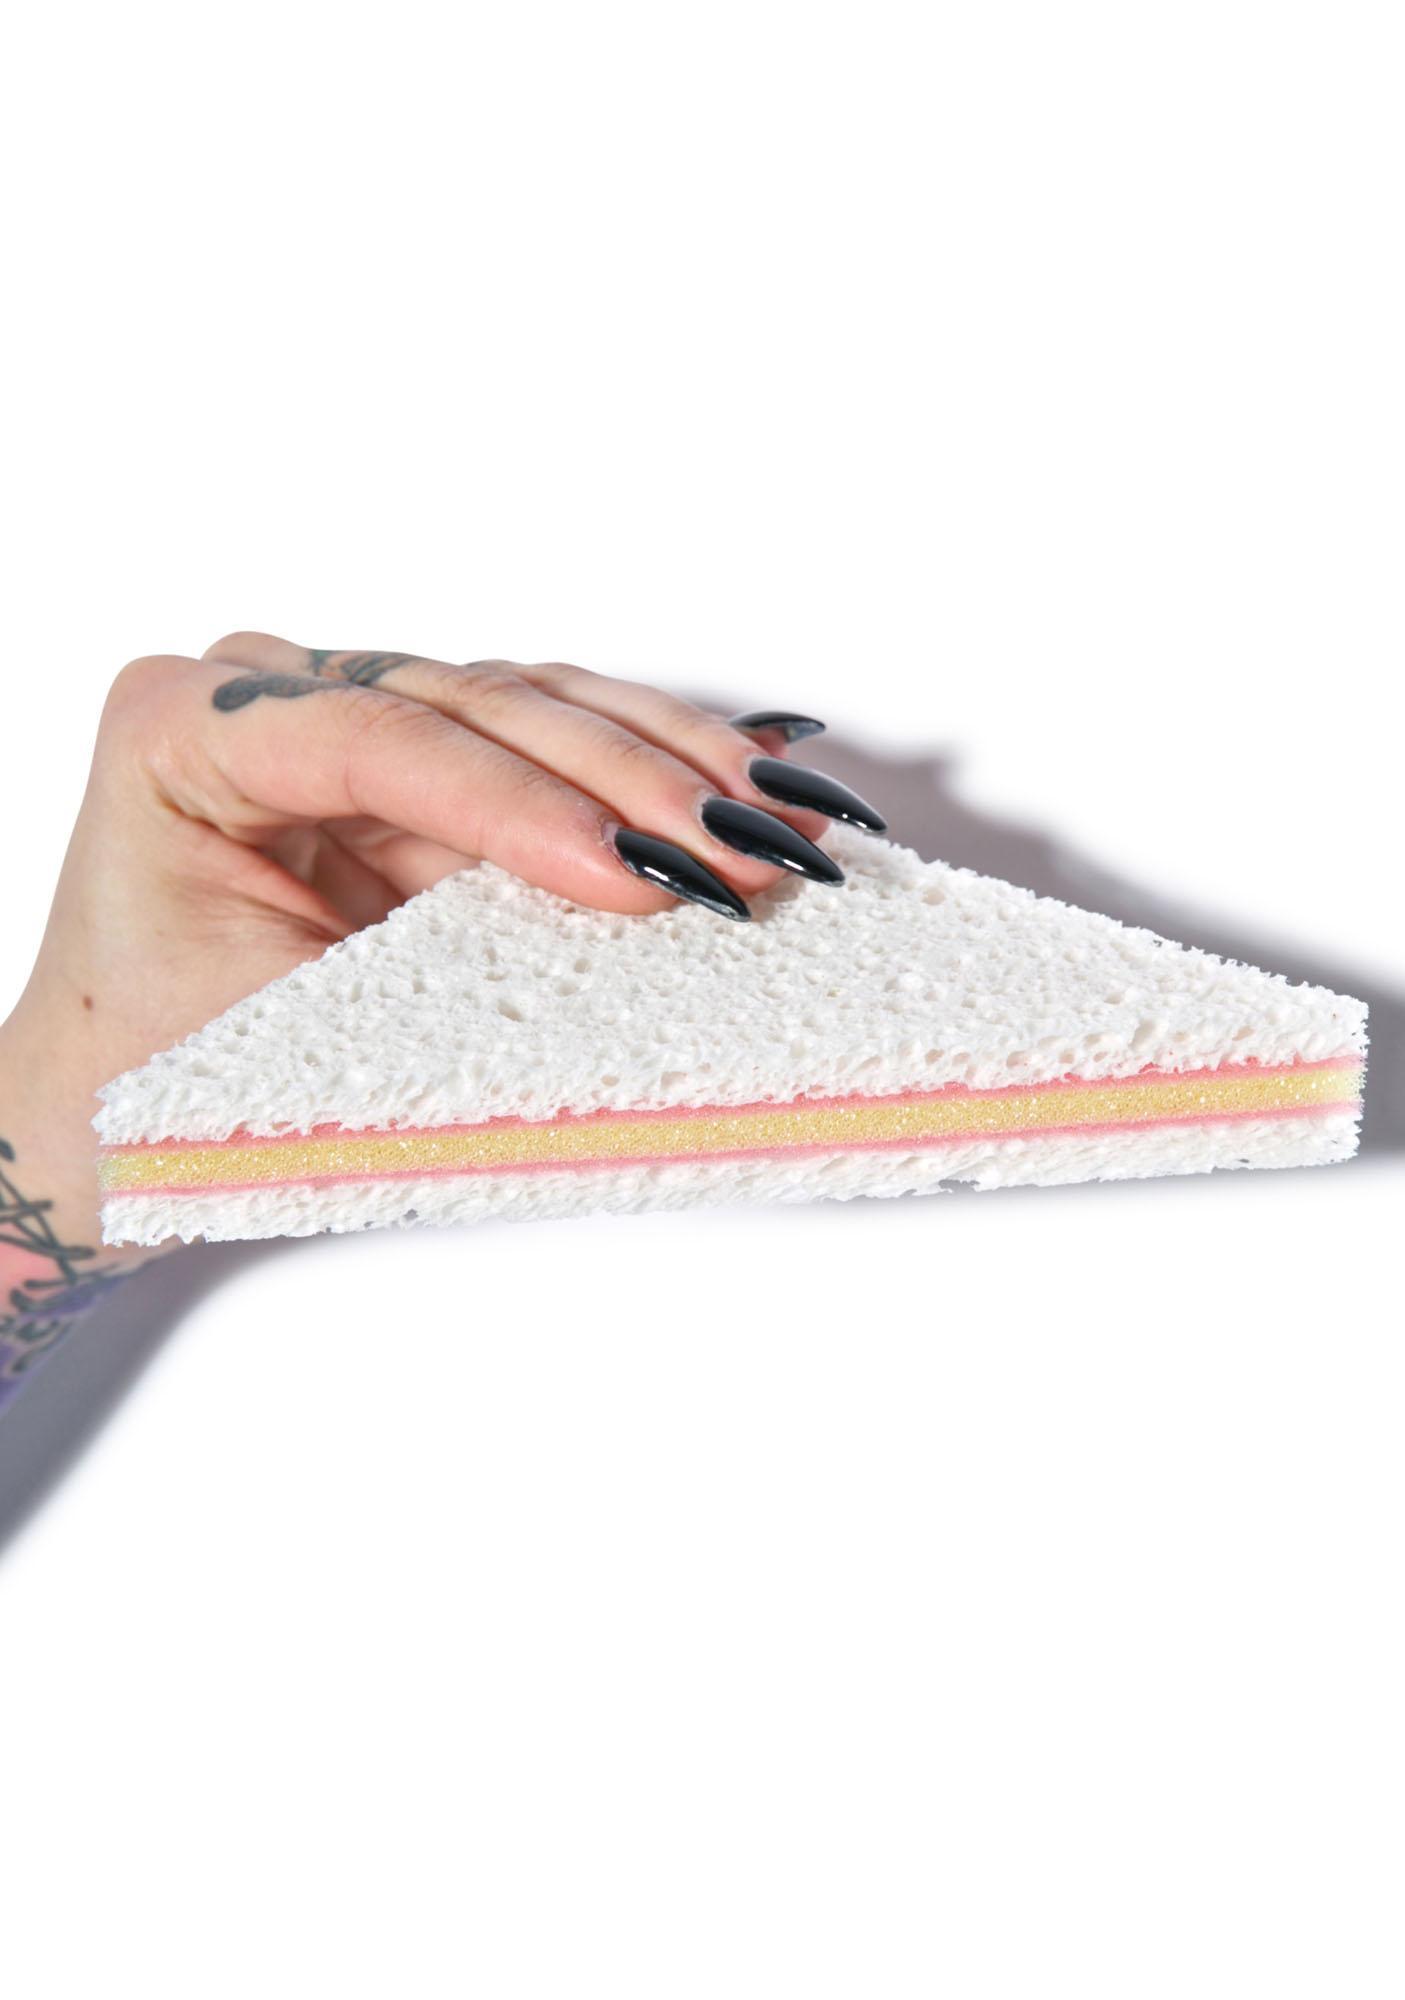 Scrubwich Sandwich Sponge